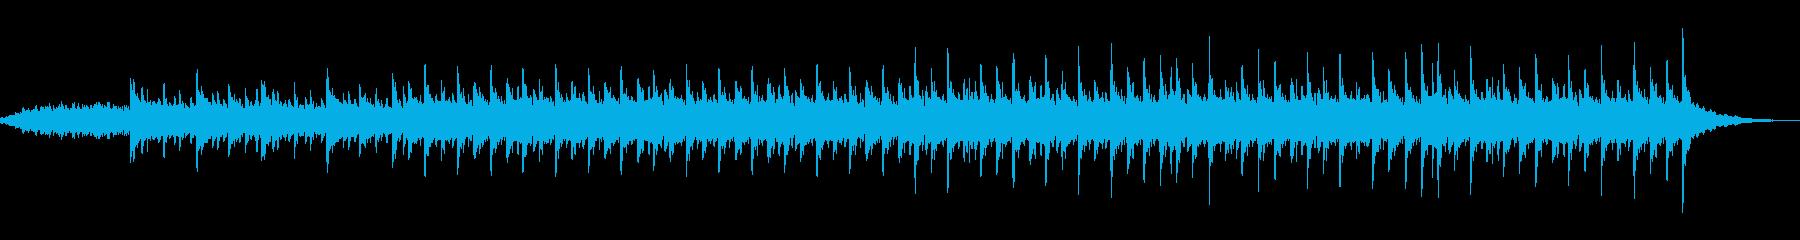 神秘的な楽曲・星・海・空間・宇宙の再生済みの波形